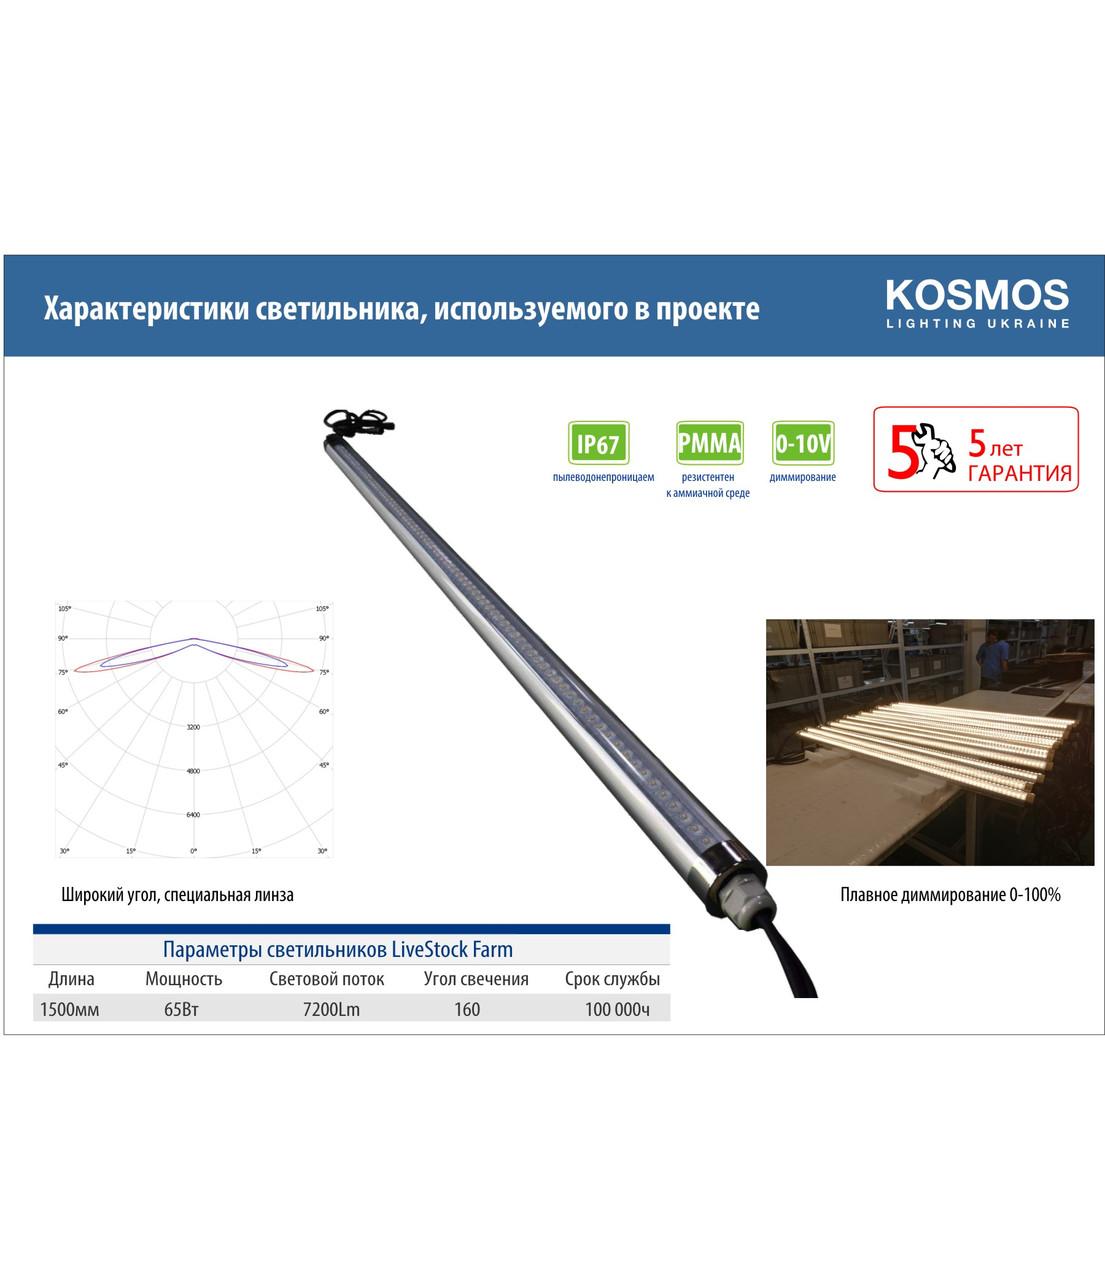 Светильники для птицефабрик, птичников напольного размещения (для выращивания бройлеров) 1500 мм, 65 Вт